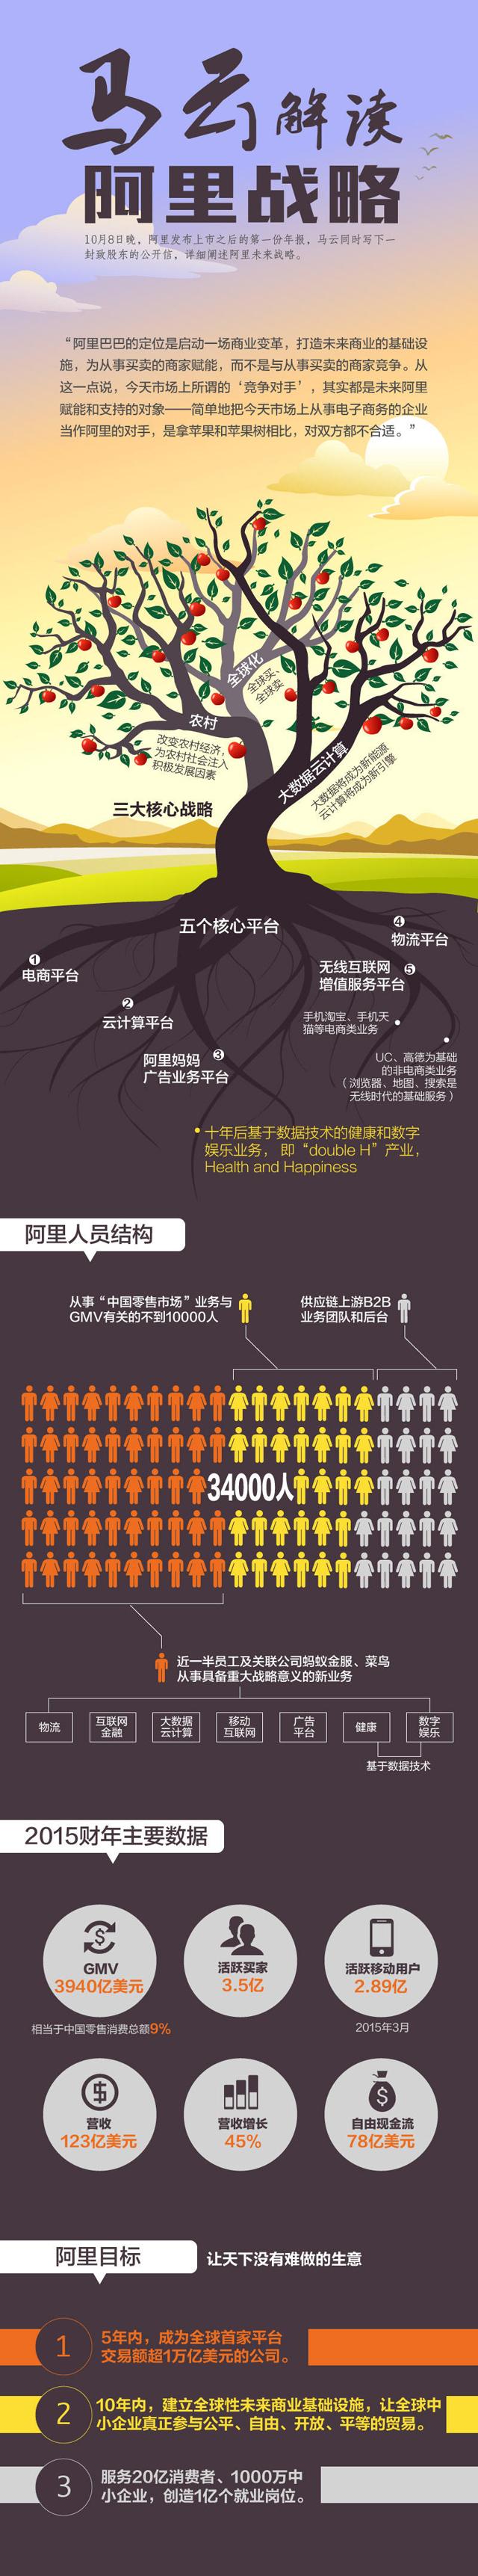 马云发布致股东公开信 逐字解读阿里巴巴战略